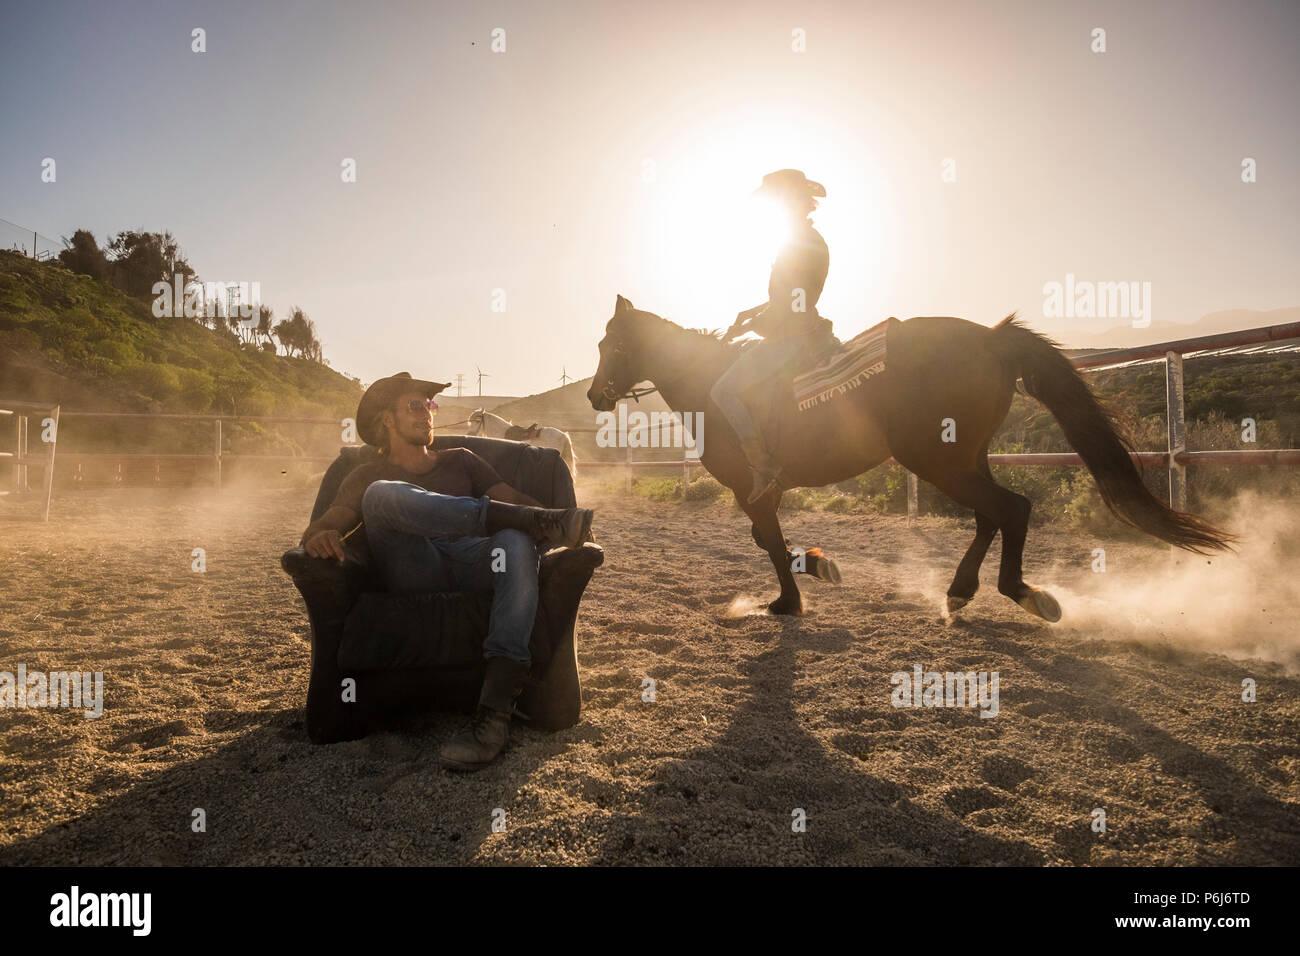 Los jinetes con caballos en el golden sunset luz. un hombre sentado en un asiento y una vieja mujer viaje alrededor de él haciendo polvo. paisajes con molinos de viento en la imagen b Imagen De Stock